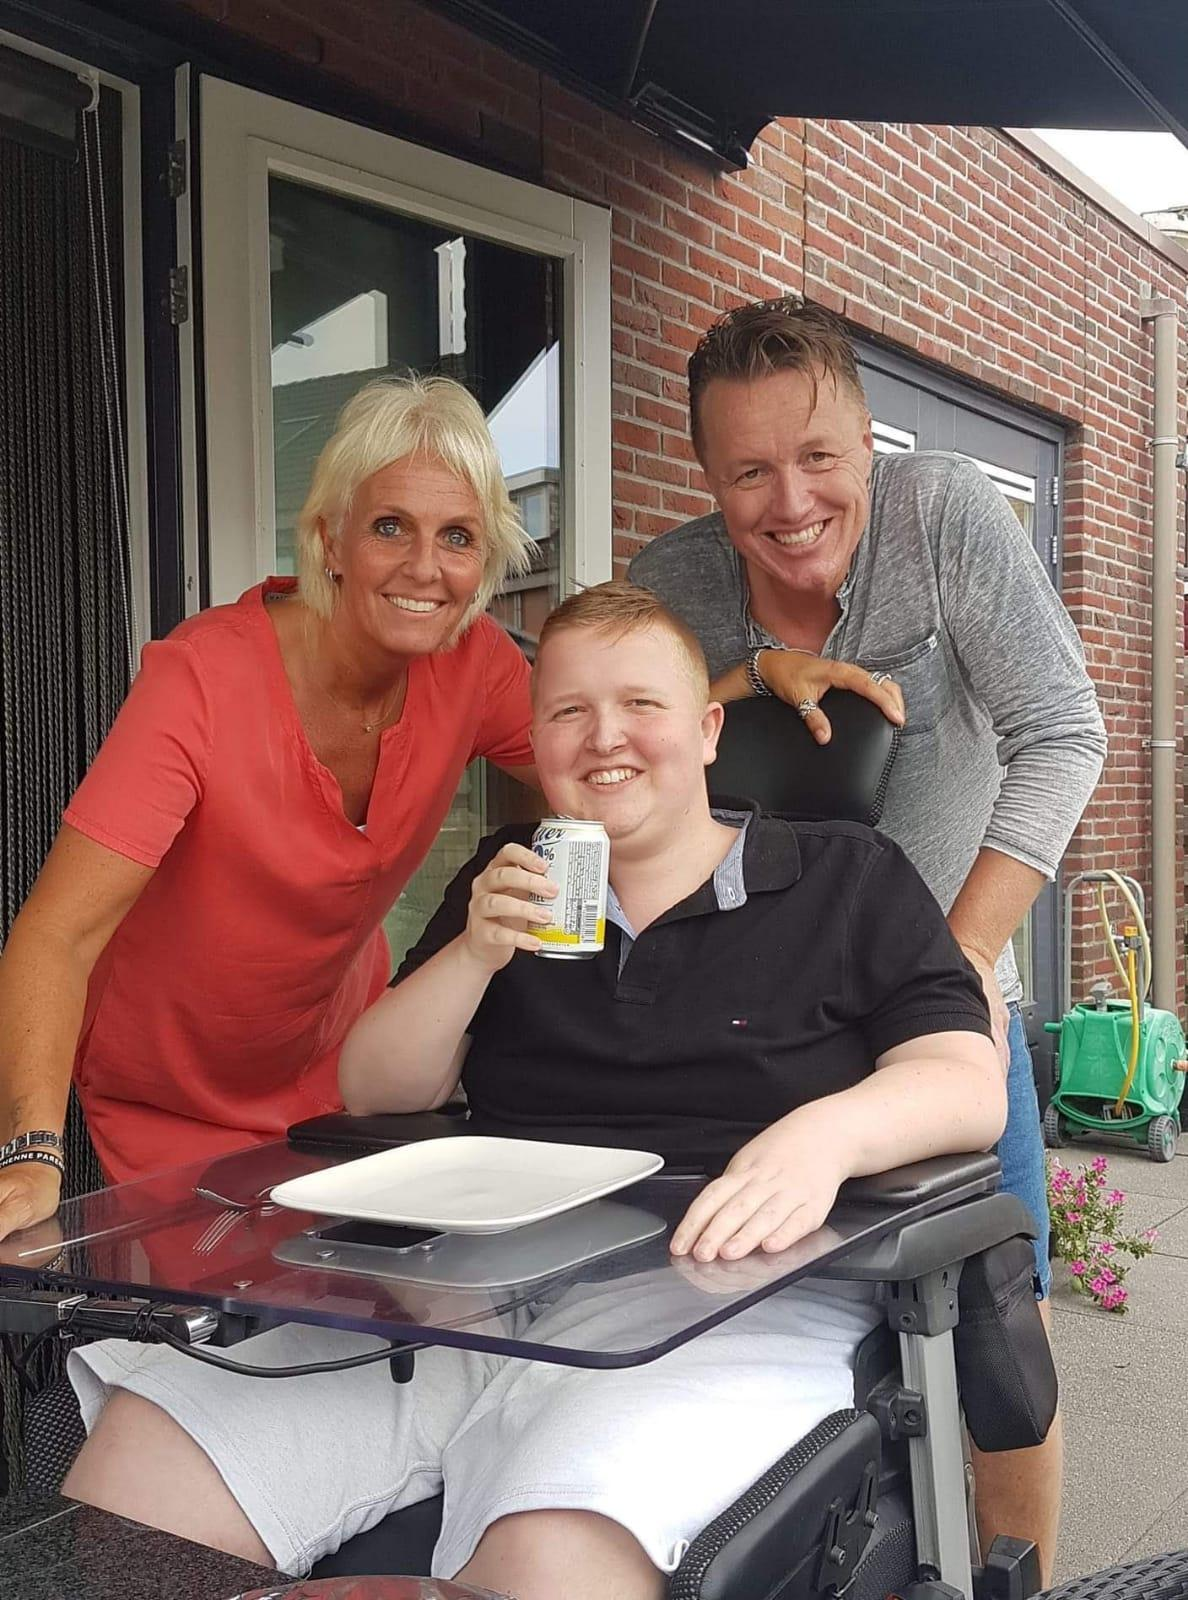 Invalidenbus van zwaar gehandicapte Mark (19) gestolen. Moeder Monique in tranen. 'Die bus is voor Mark van levensbelang'